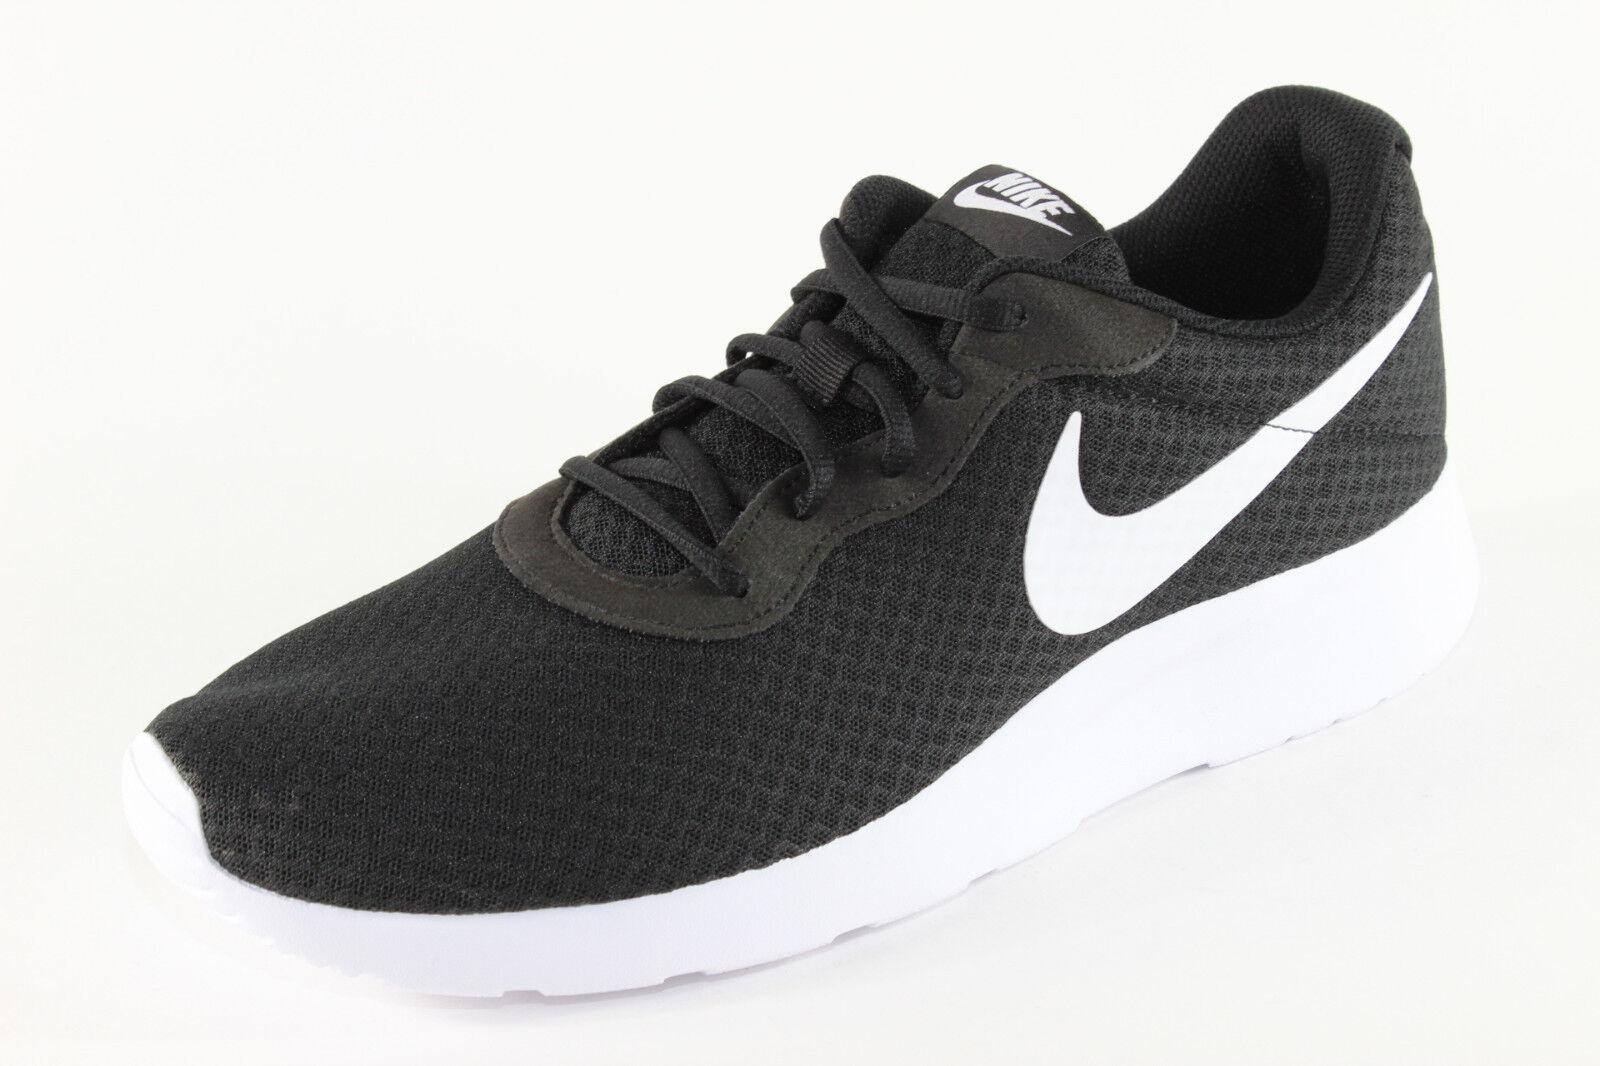 Nike Tanjun, leichte Sport-Turnschuhe, Schwarz   Weiß, Herrenschuhe Übergröße      Üppiges Design